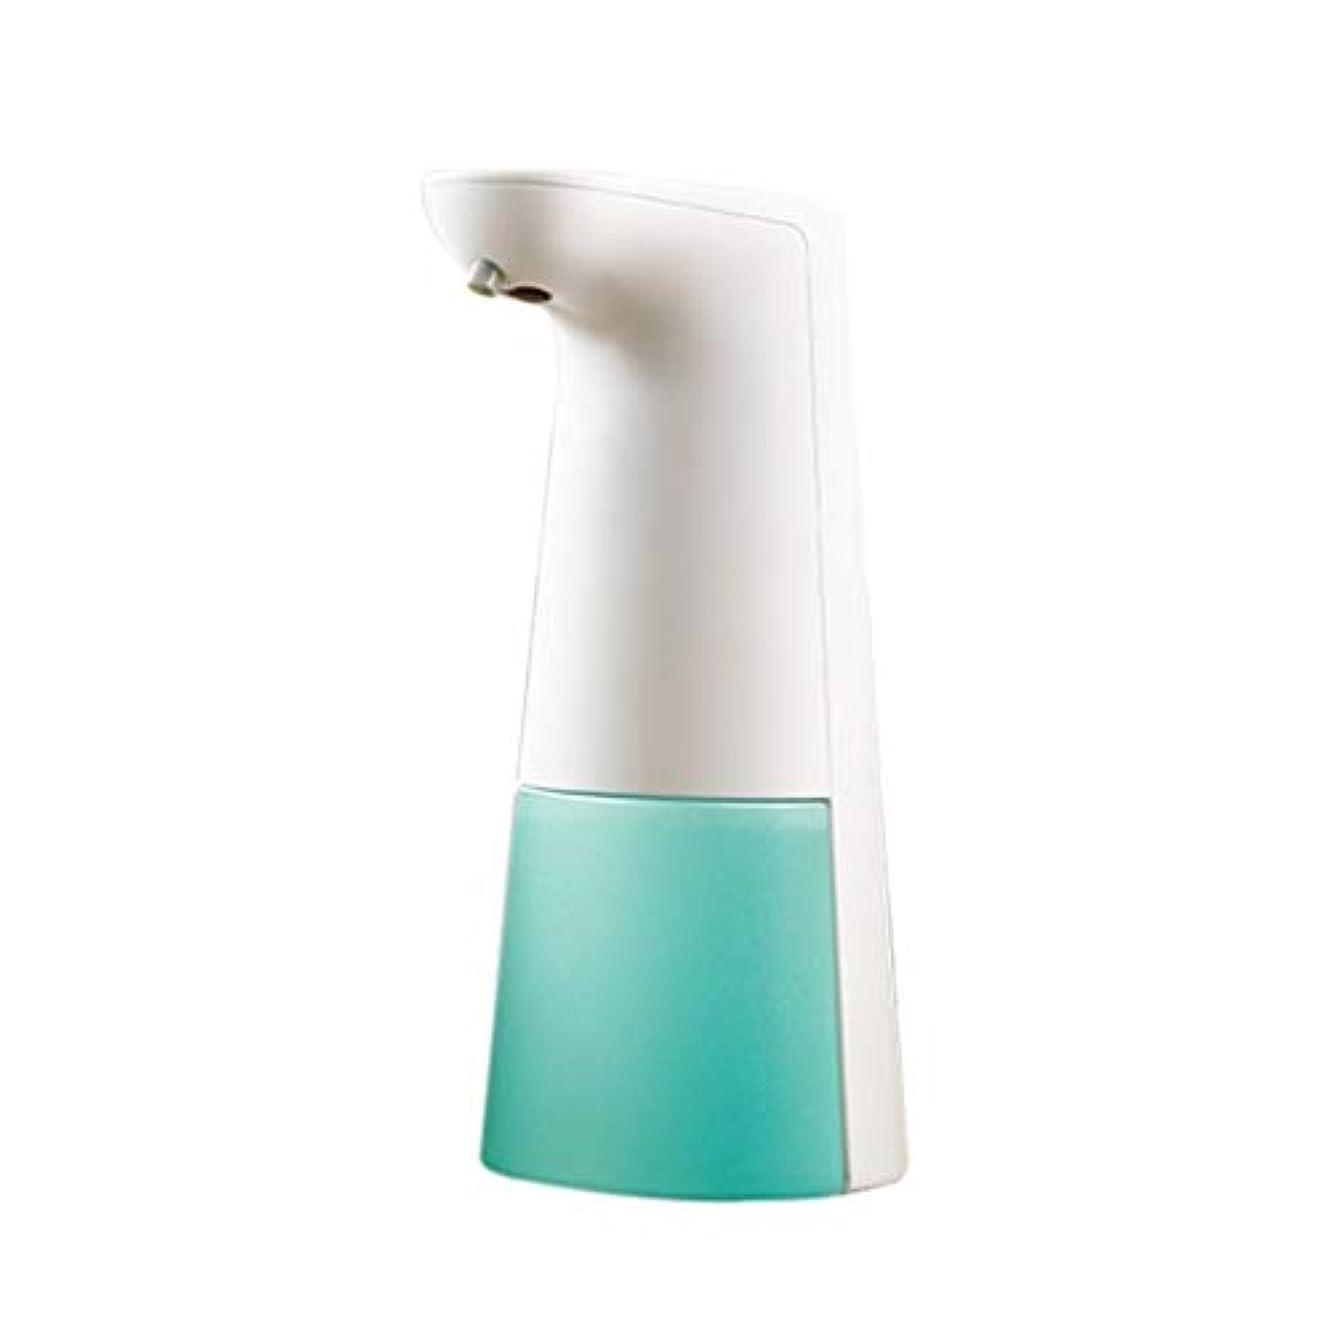 スイ群がるジャニス泡の台所浴室の流しの液体石鹸の瓶250mlのプラスチック石鹸箱のローション(色:白、サイズ:20.4 * 11.6 * 8.9cm) (Color : White, Size : 20.4*11.6*8.9cm)